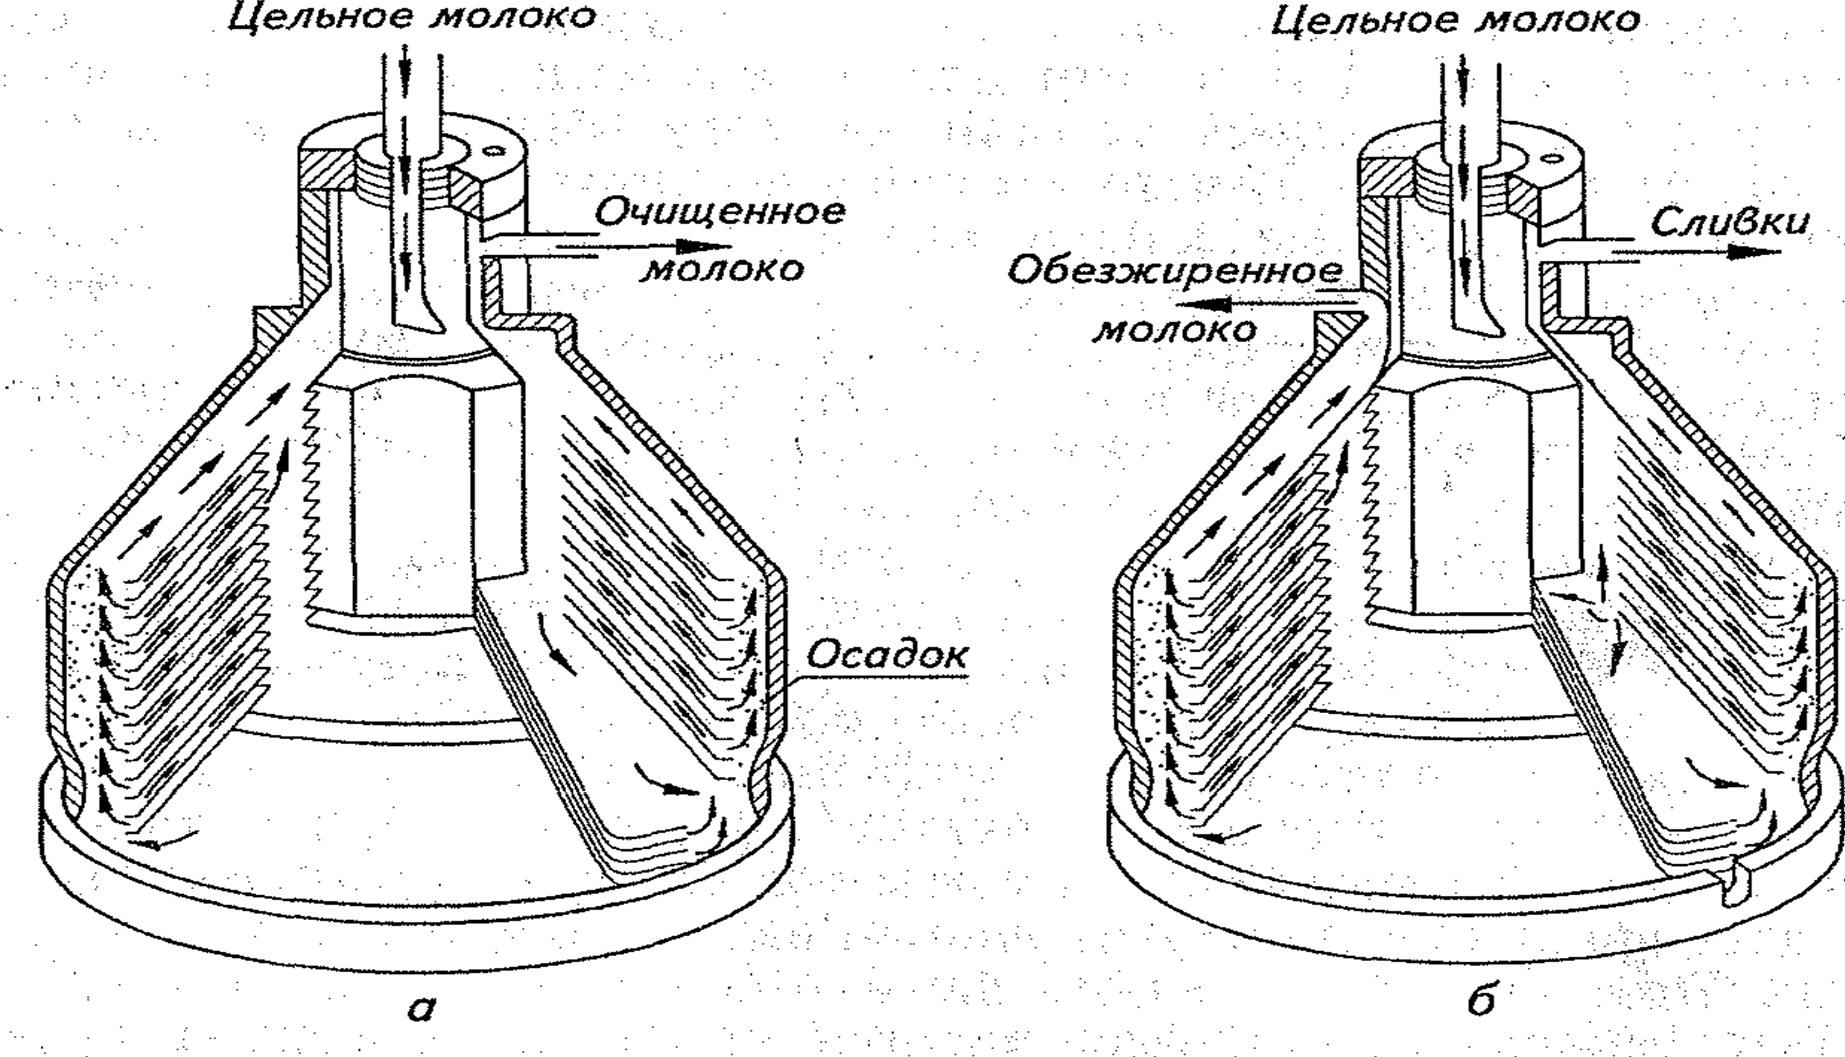 Схема движения молока цельного, очищенного, сливок и обезжиренного молока в барабане сепаратора